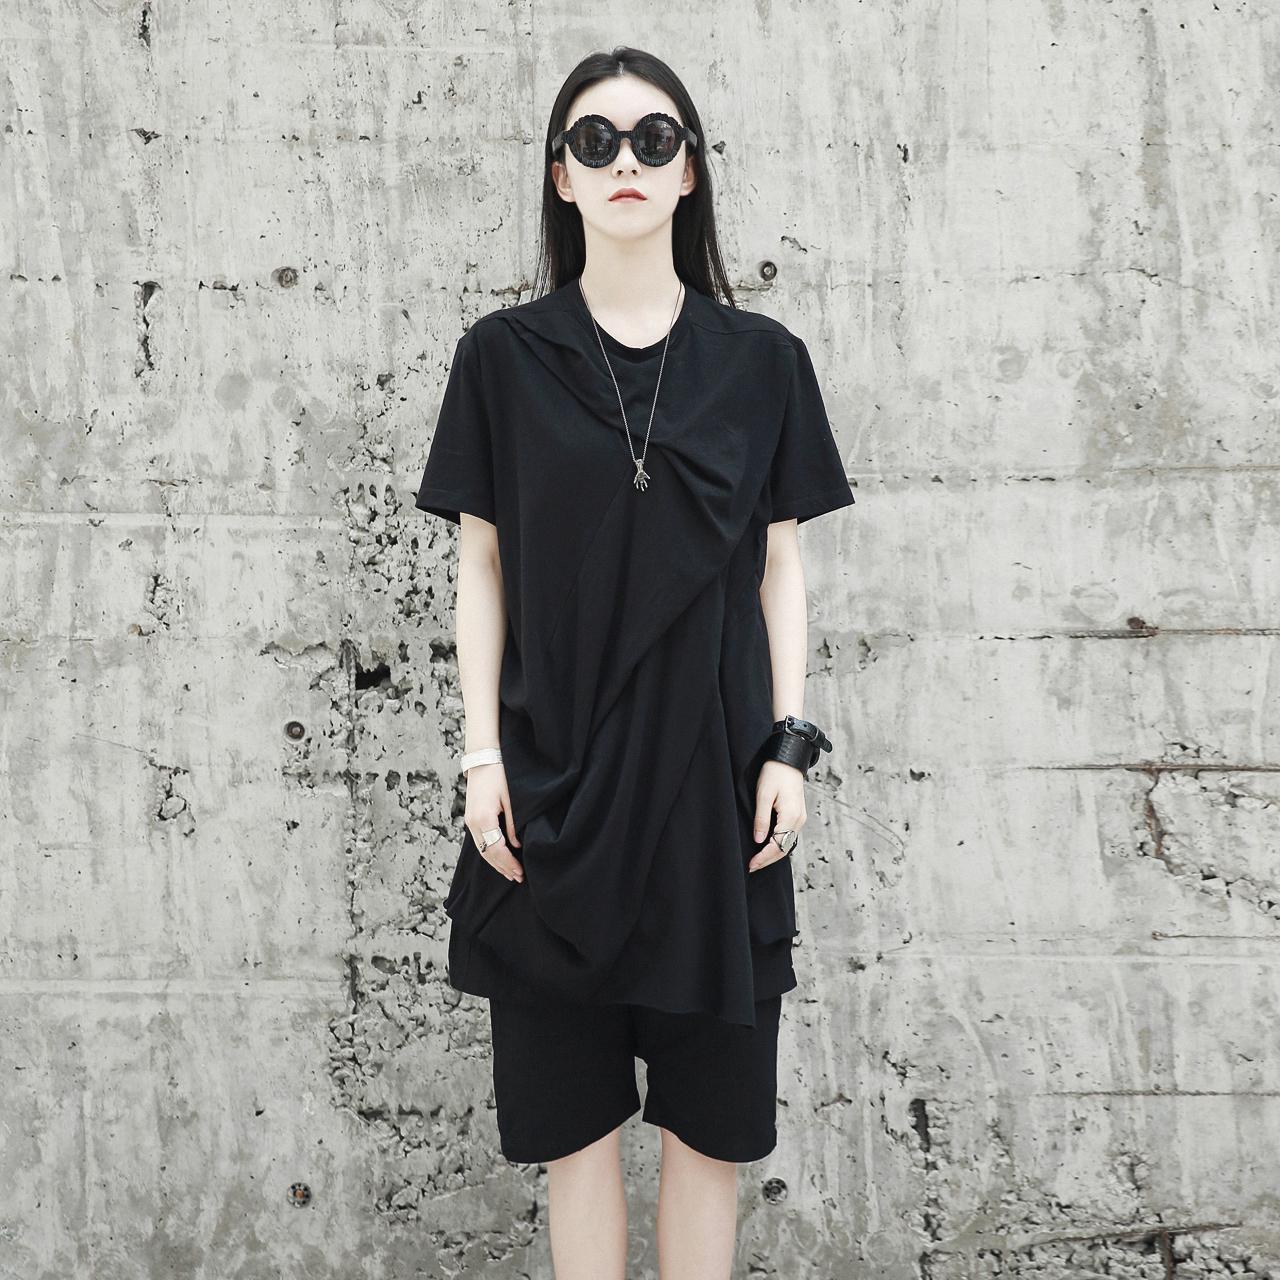 SIMPLE BLACK 暗黑RO先锋宽松中长捏皱造型不规则短袖T恤